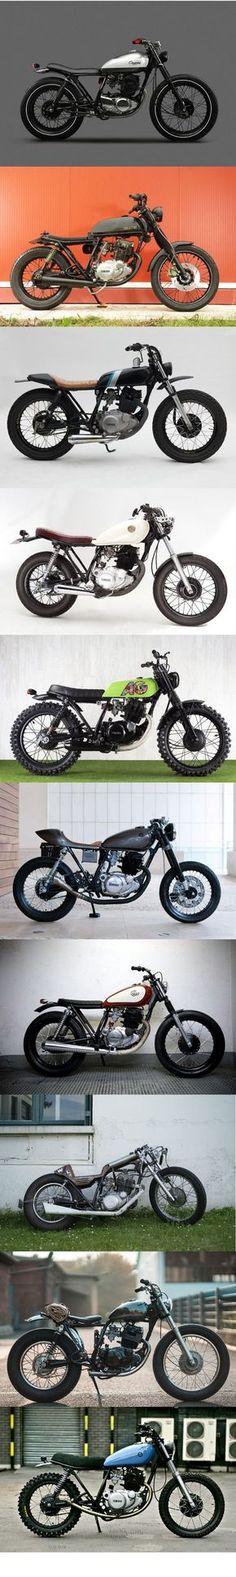 Modificações Lowcost para motos de baixa cilindrada. 4b4d0b1f2535